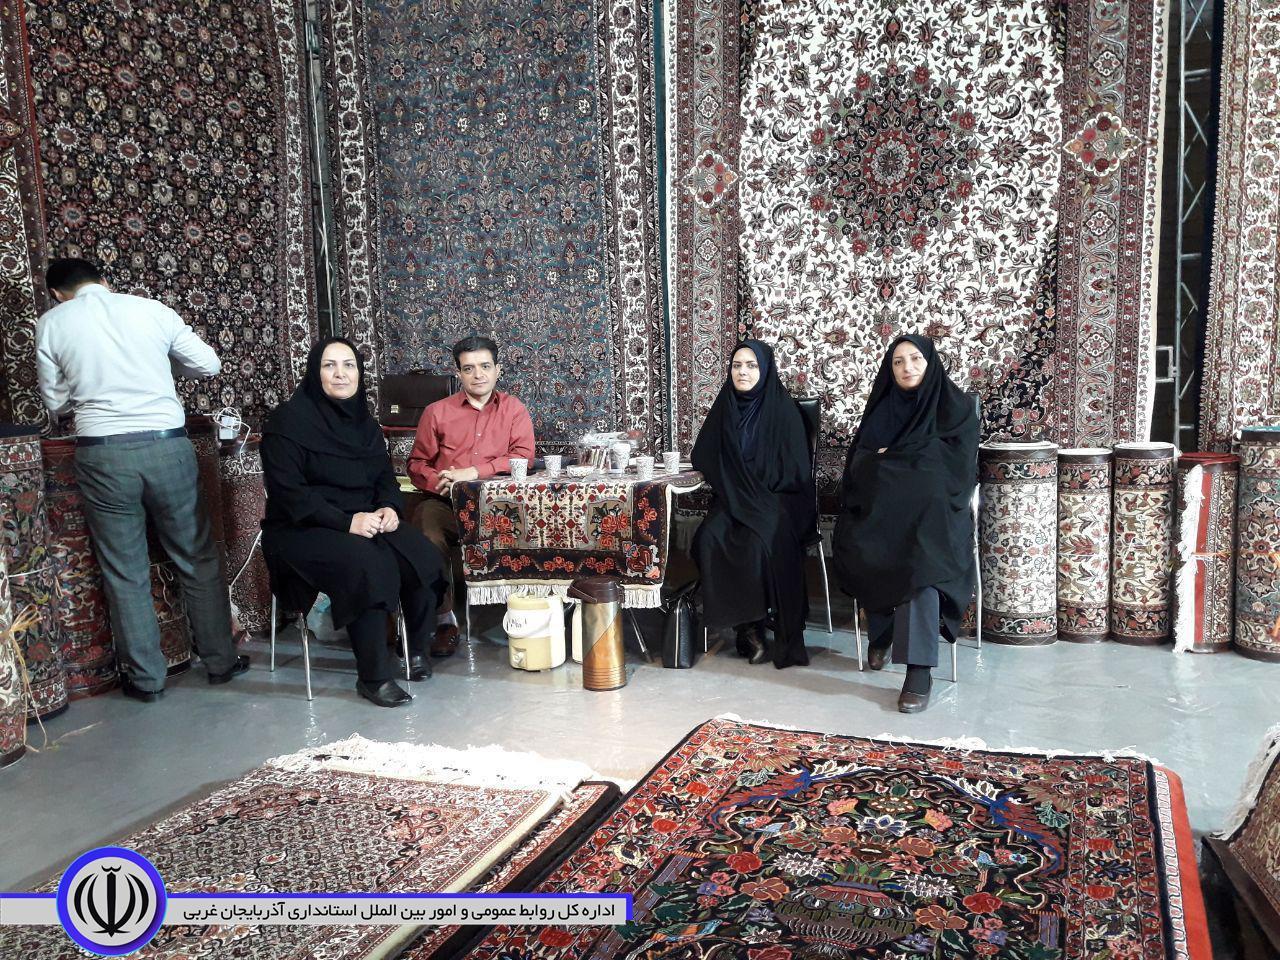 حضور مدیرکل امور زنان و خانواده استانداری در بیست وهشتمین نمایشگاه فرش دستباف و تجلیل از بافندگان برتر استانی